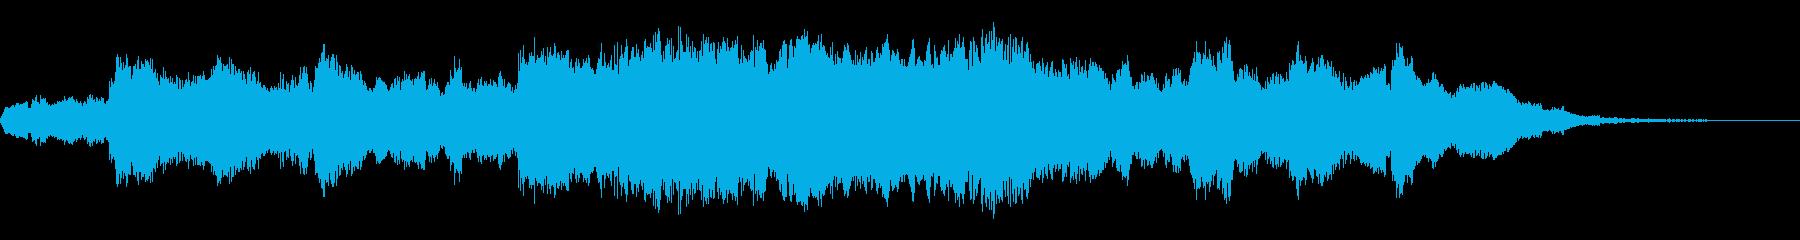 ディズニ―映画に採用されそうなイメージ曲の再生済みの波形